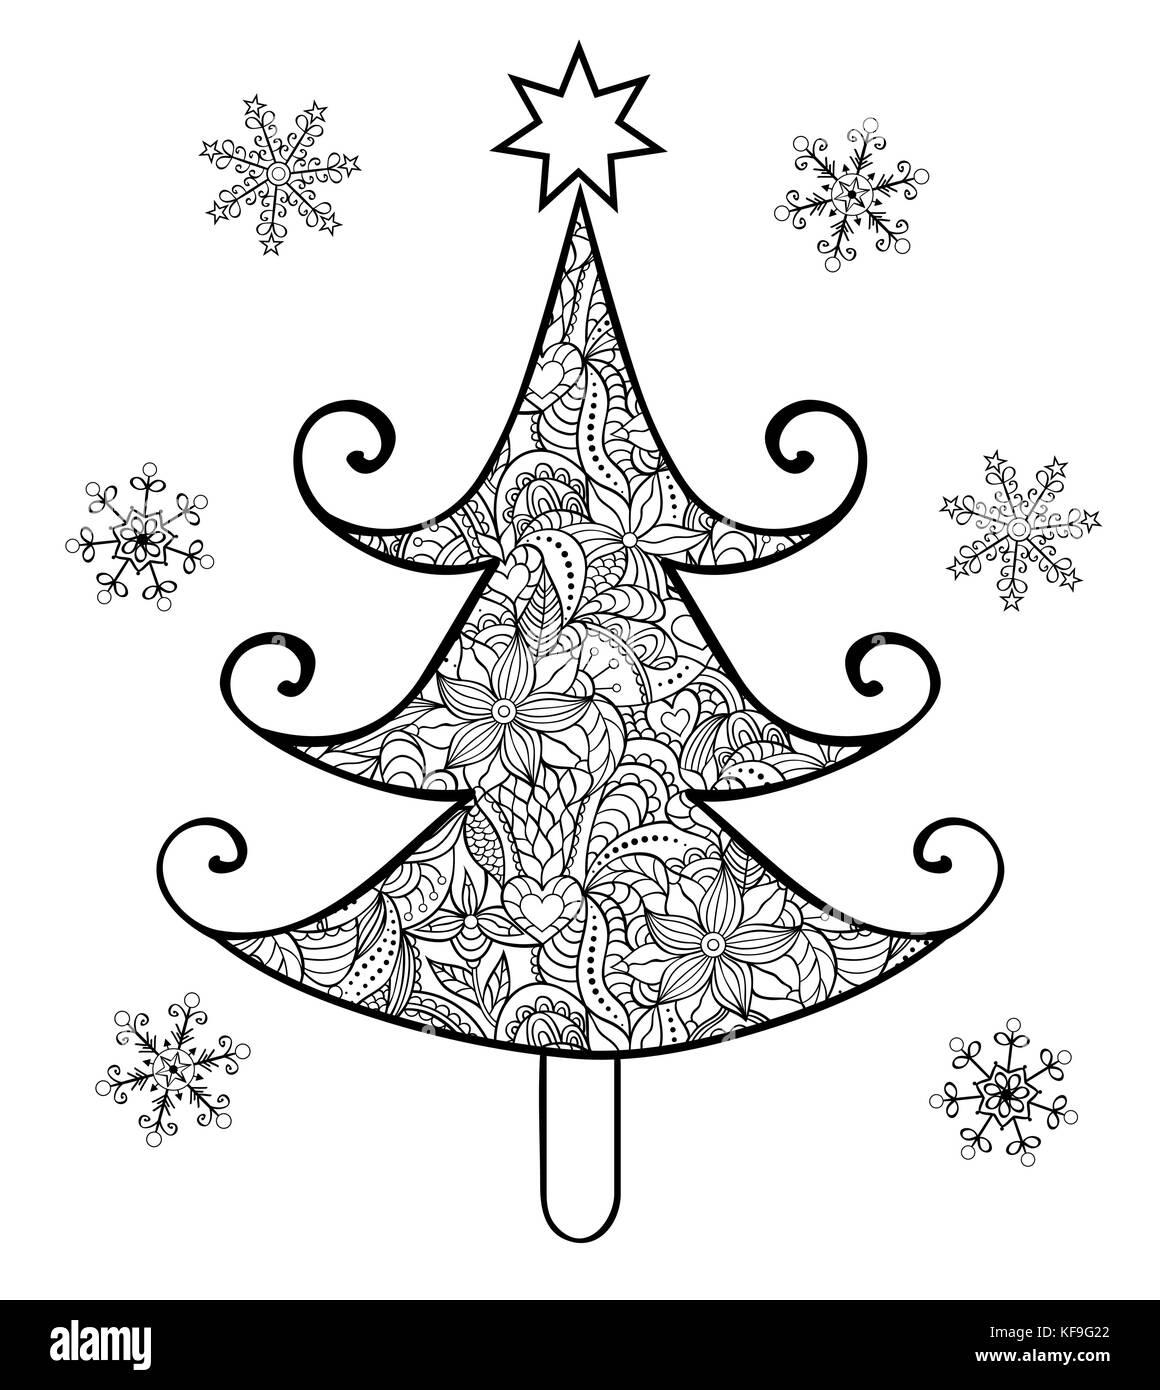 Weihnachtsbaum Gezeichnet.Hand Weihnachtsbaum Gezeichnet Vektor Abbildung Bild 164323322